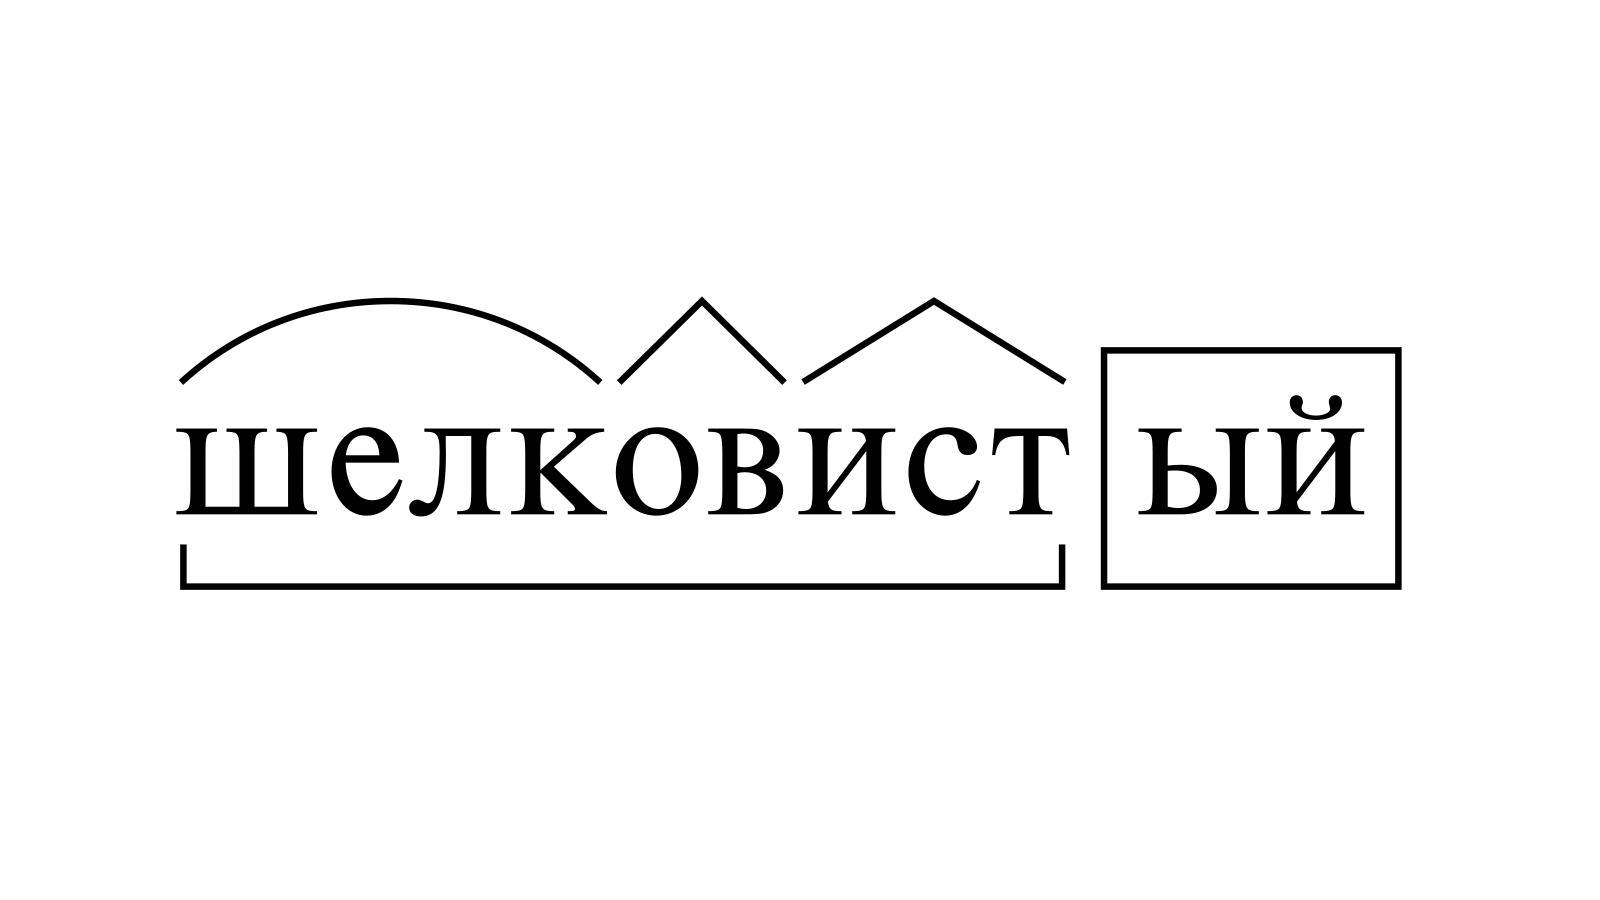 Разбор слова «шелковистый» по составу